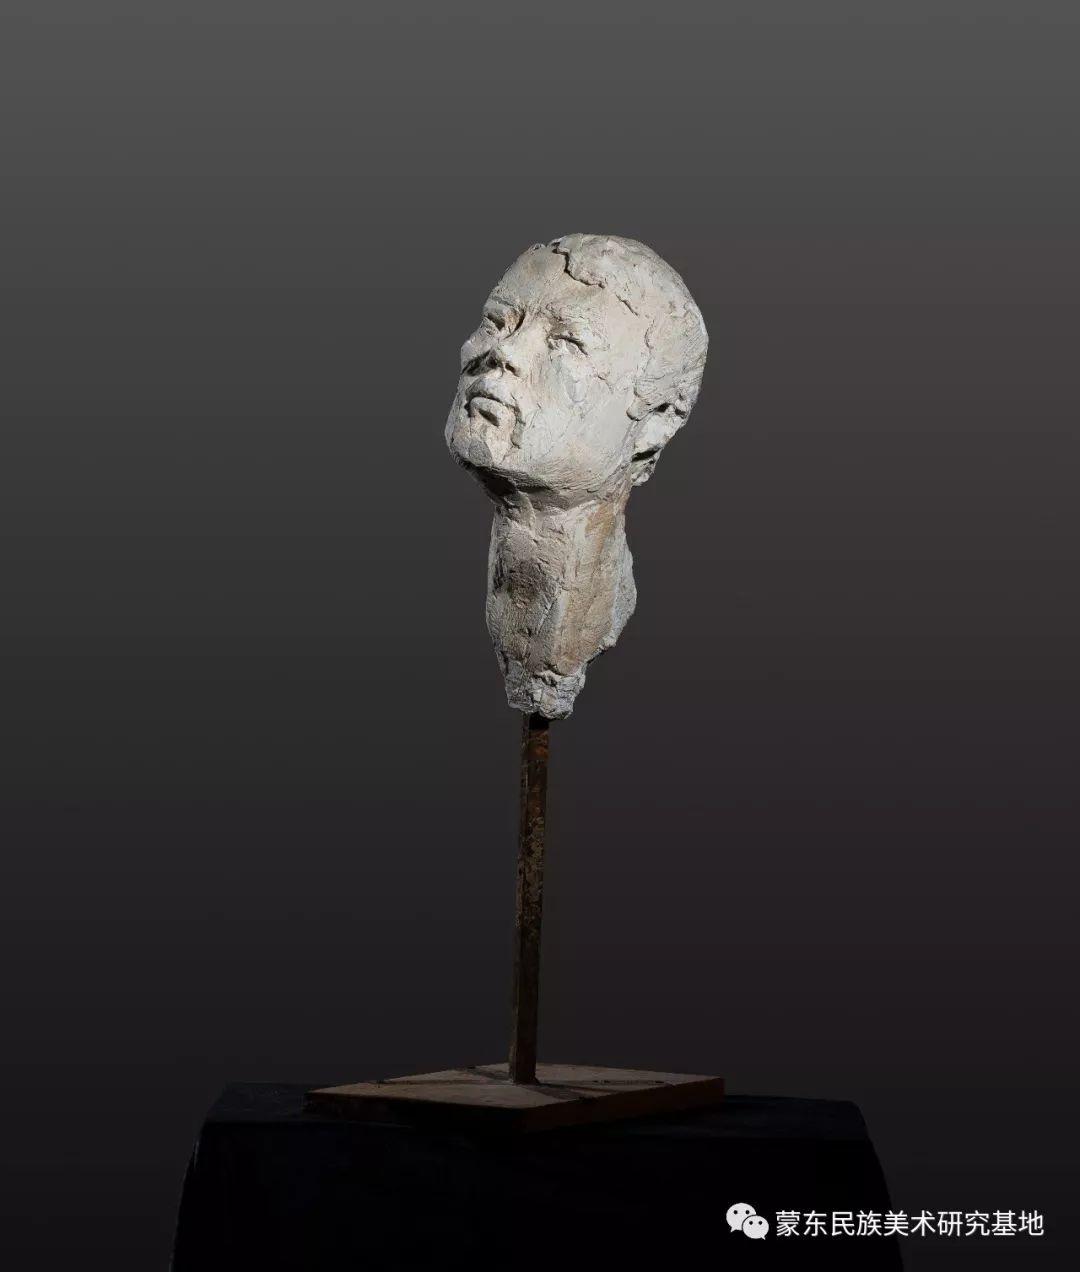 包格日乐吐作品——头像雕塑系列(二) 第2张 包格日乐吐作品——头像雕塑系列(二) 蒙古画廊